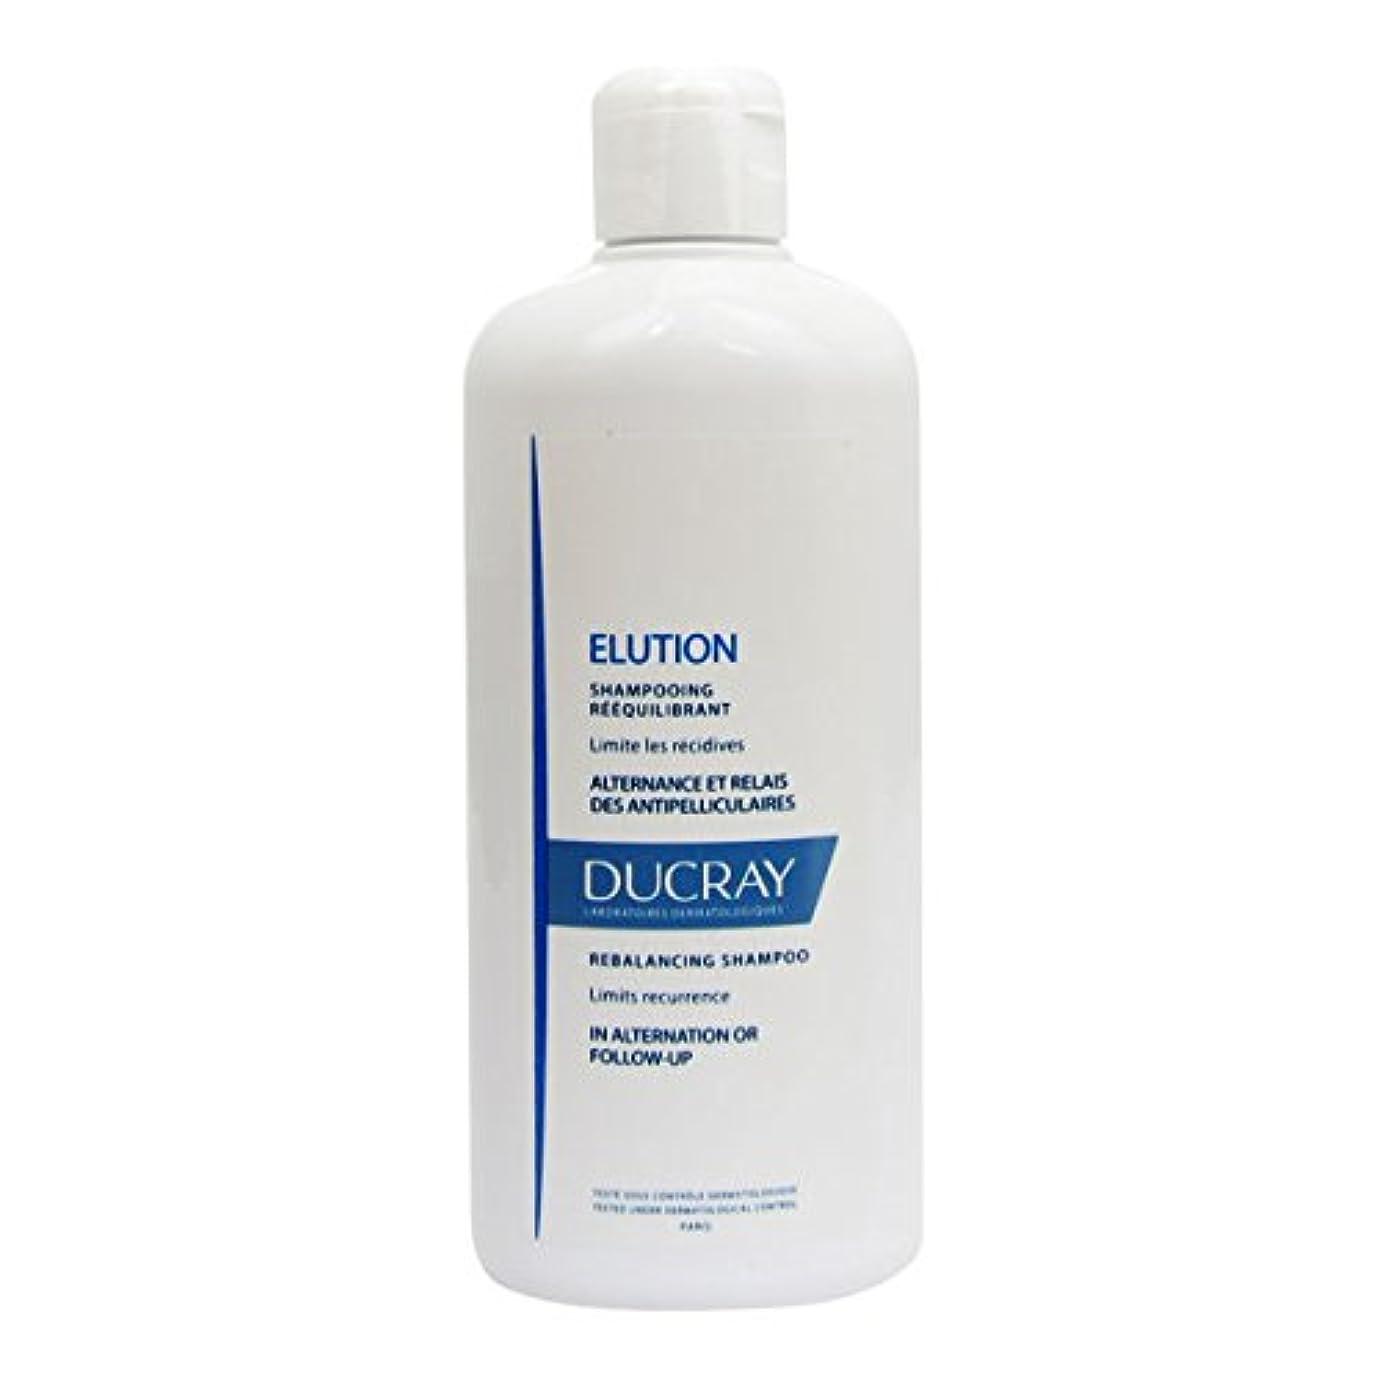 実用的否定するにぎやかDucray Elution Rebalancing Shampoo 400ml [並行輸入品]